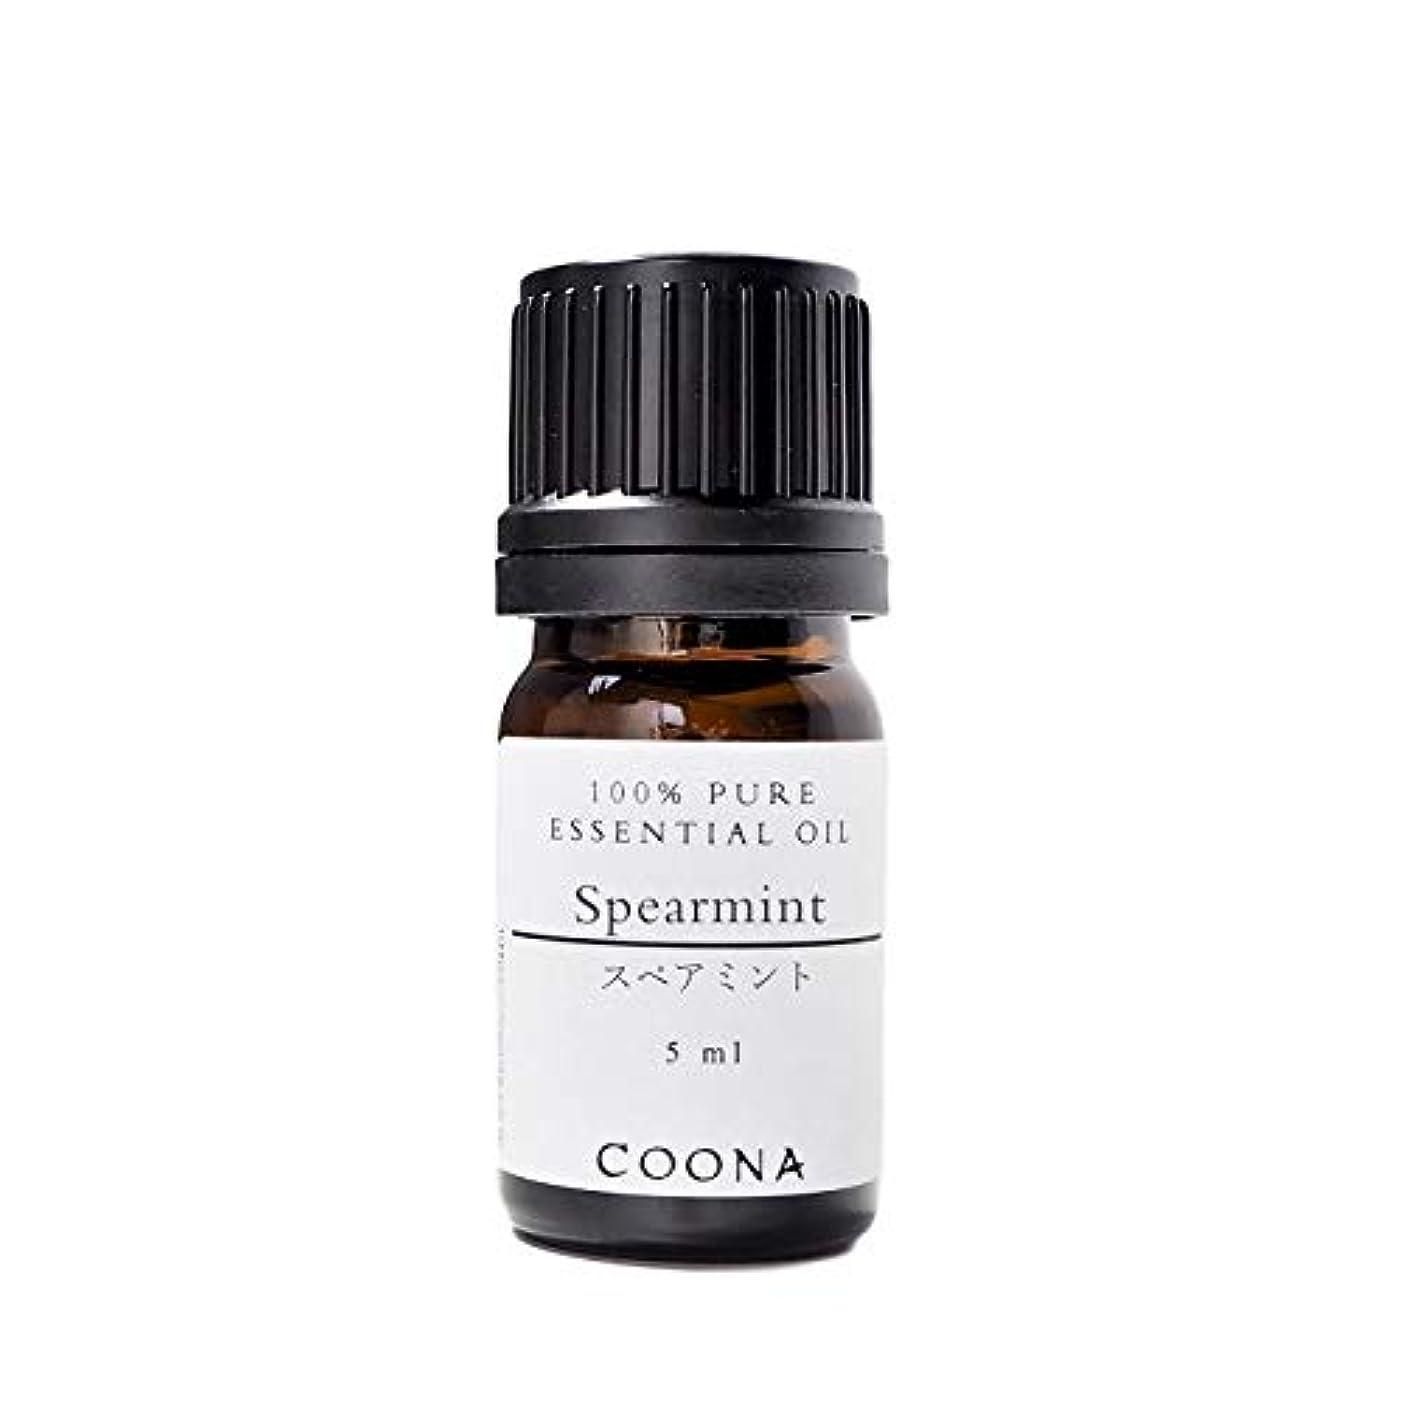 記念碑苦しめるスリチンモイスペアミント 5 ml (COONA エッセンシャルオイル アロマオイル 100%天然植物精油)